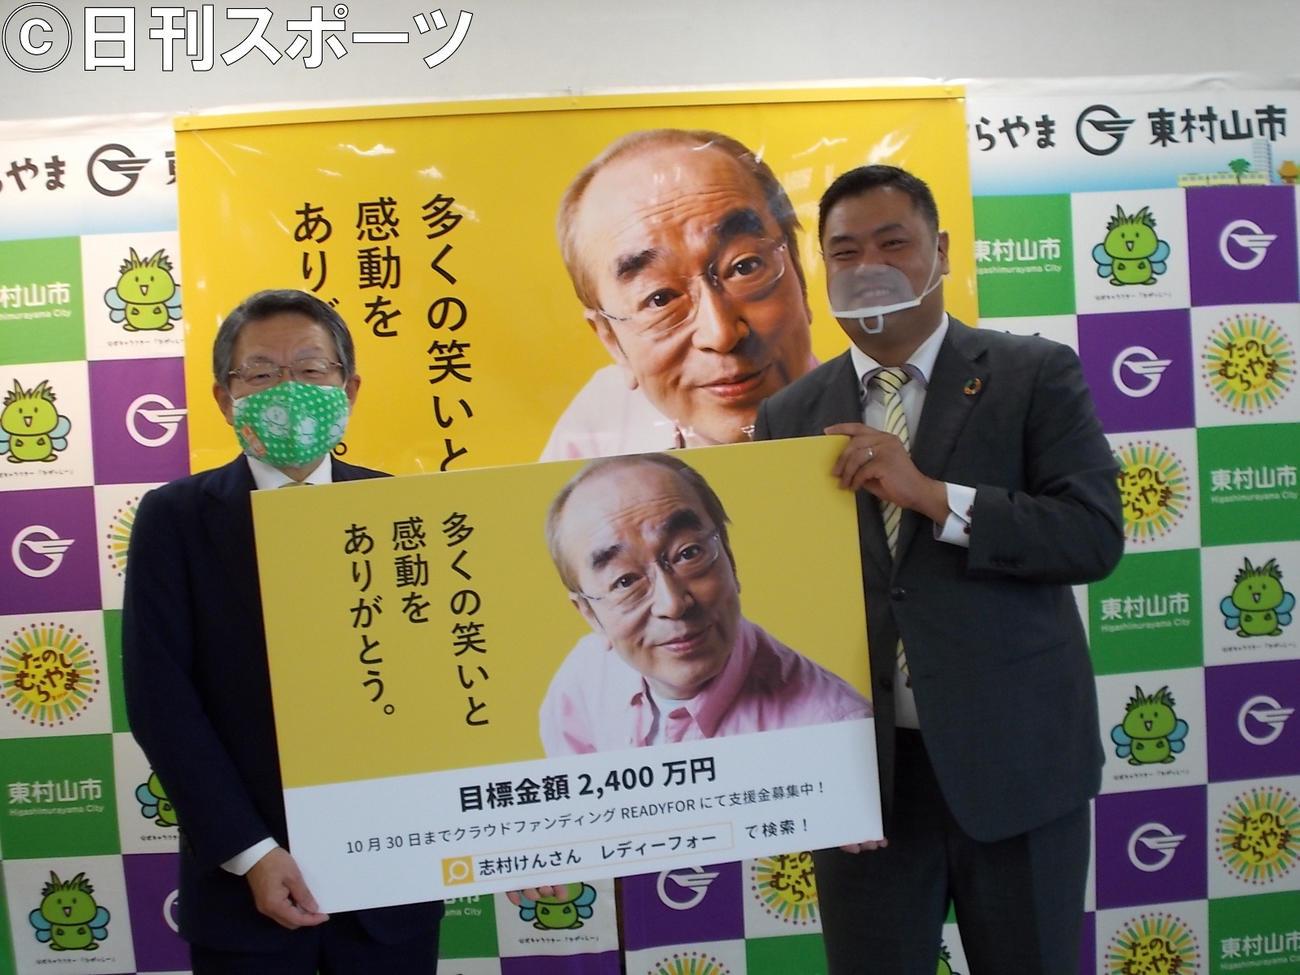 志村けんさんの銅像作成プロジェクトの会見に臨んだ渡部尚東村山市長(左)と中野陽介実行委員長の中野陽介